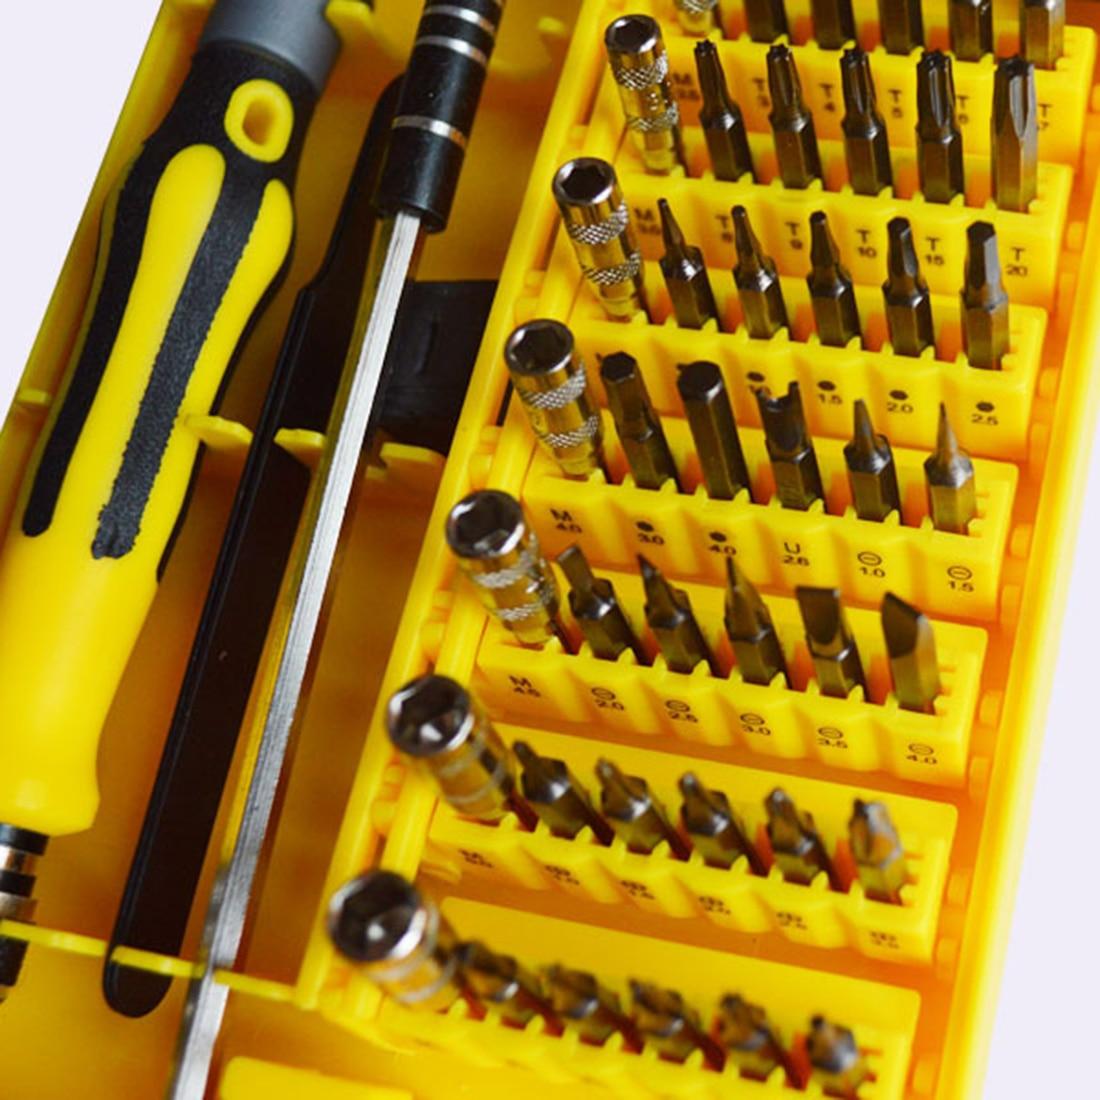 Hot 45 in 1 Set di cacciaviti Torx professionali di precisione per - Utensili manuali - Fotografia 1